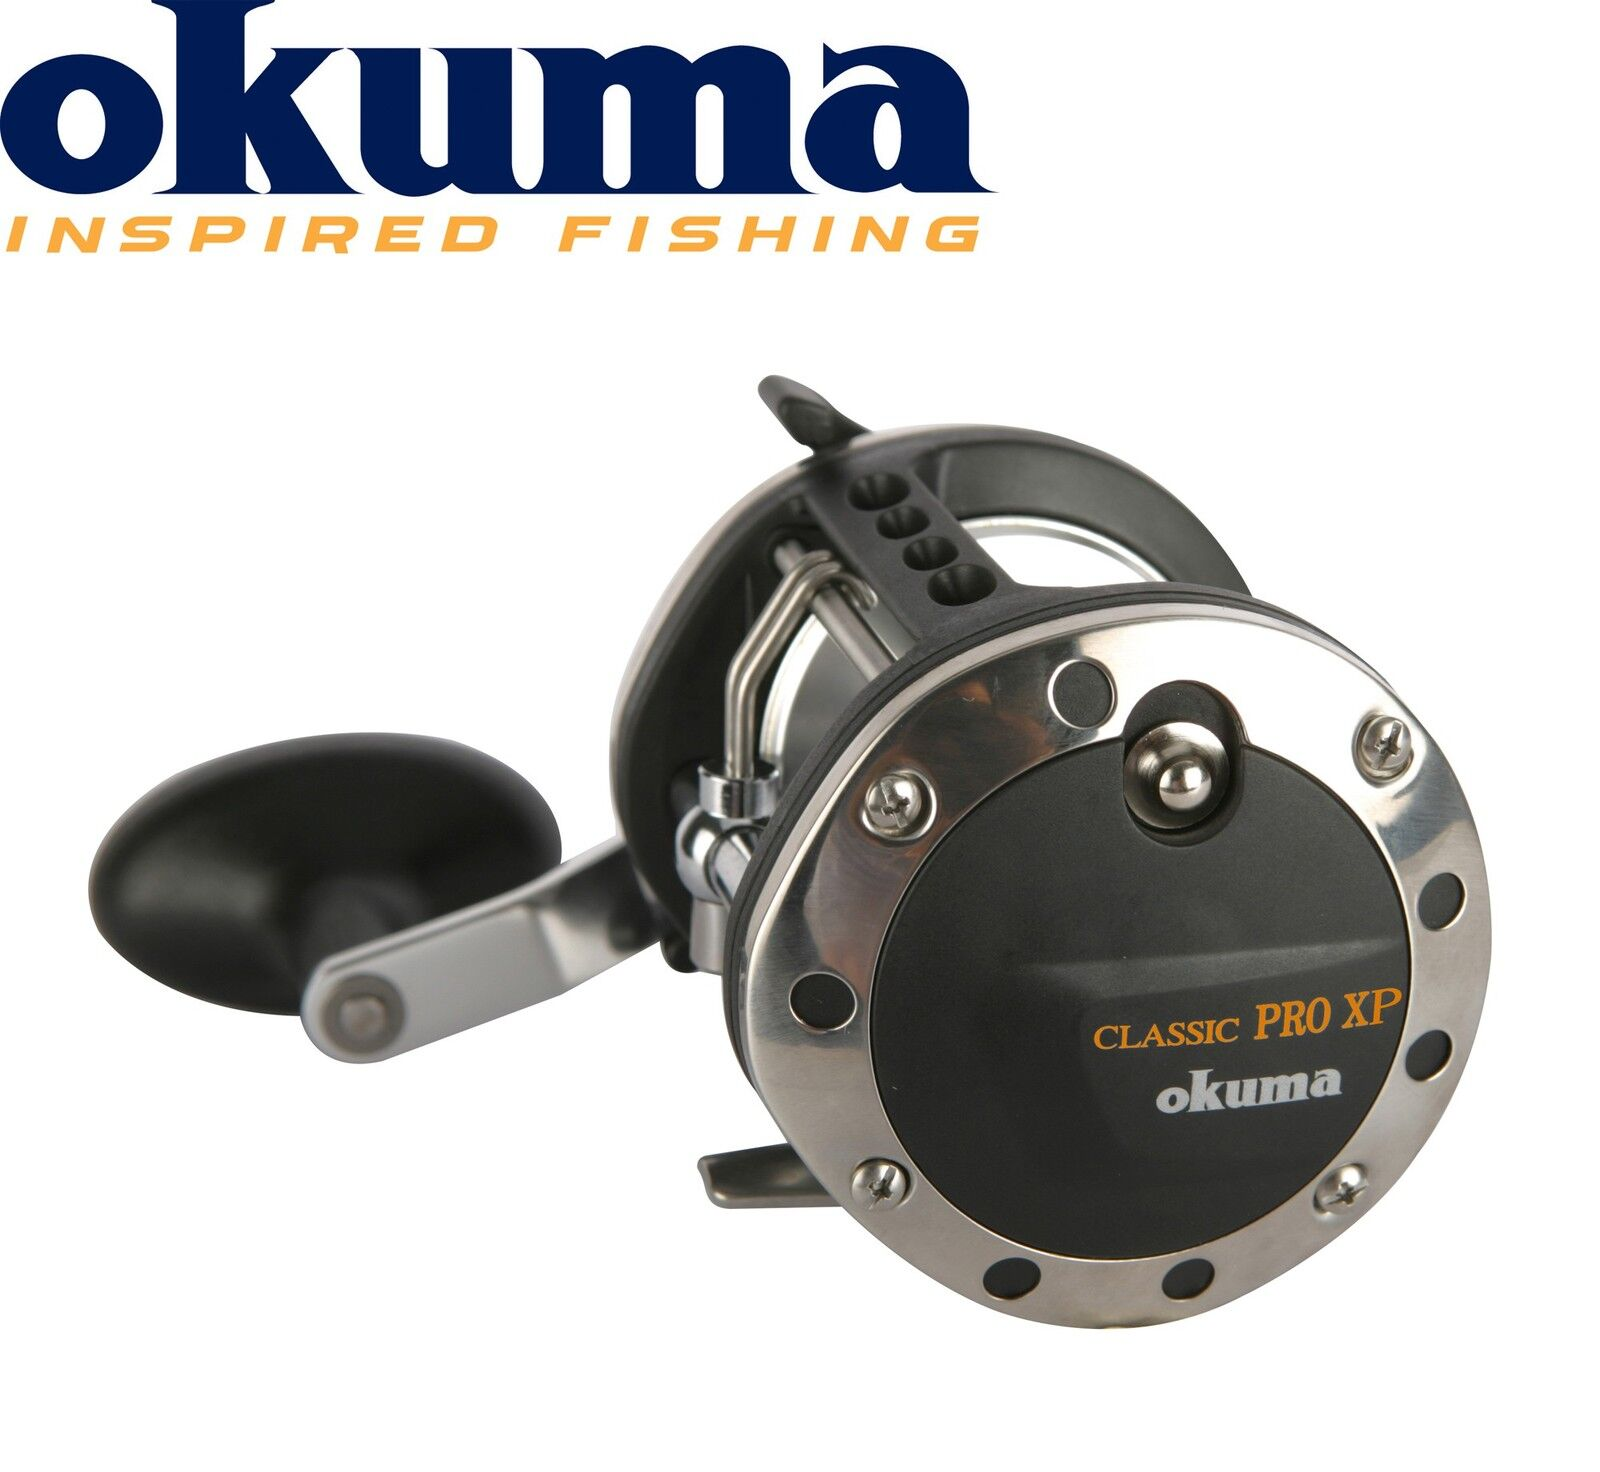 Okuma Meeresangeln Classic XP Pro- XP302La Multirolle zum Meeresangeln Okuma in Norwegen auf Dorsch 769748